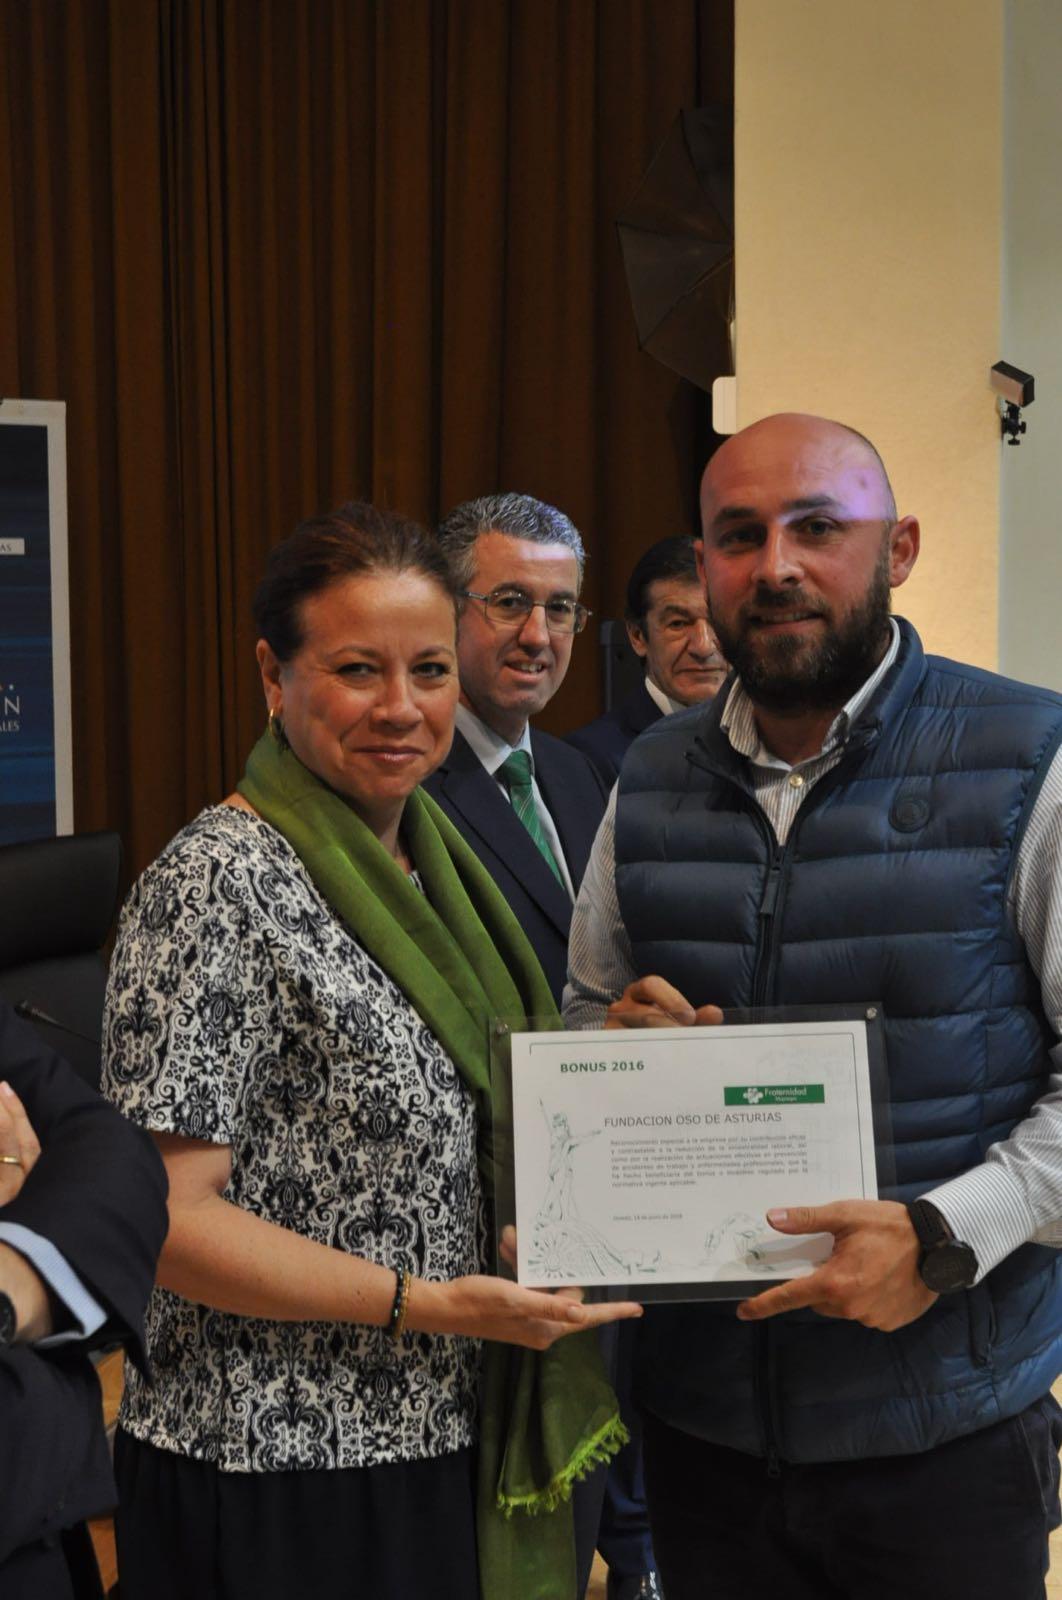 Fraternidad-Muprespa entrega el diploma Bonus a la fundación